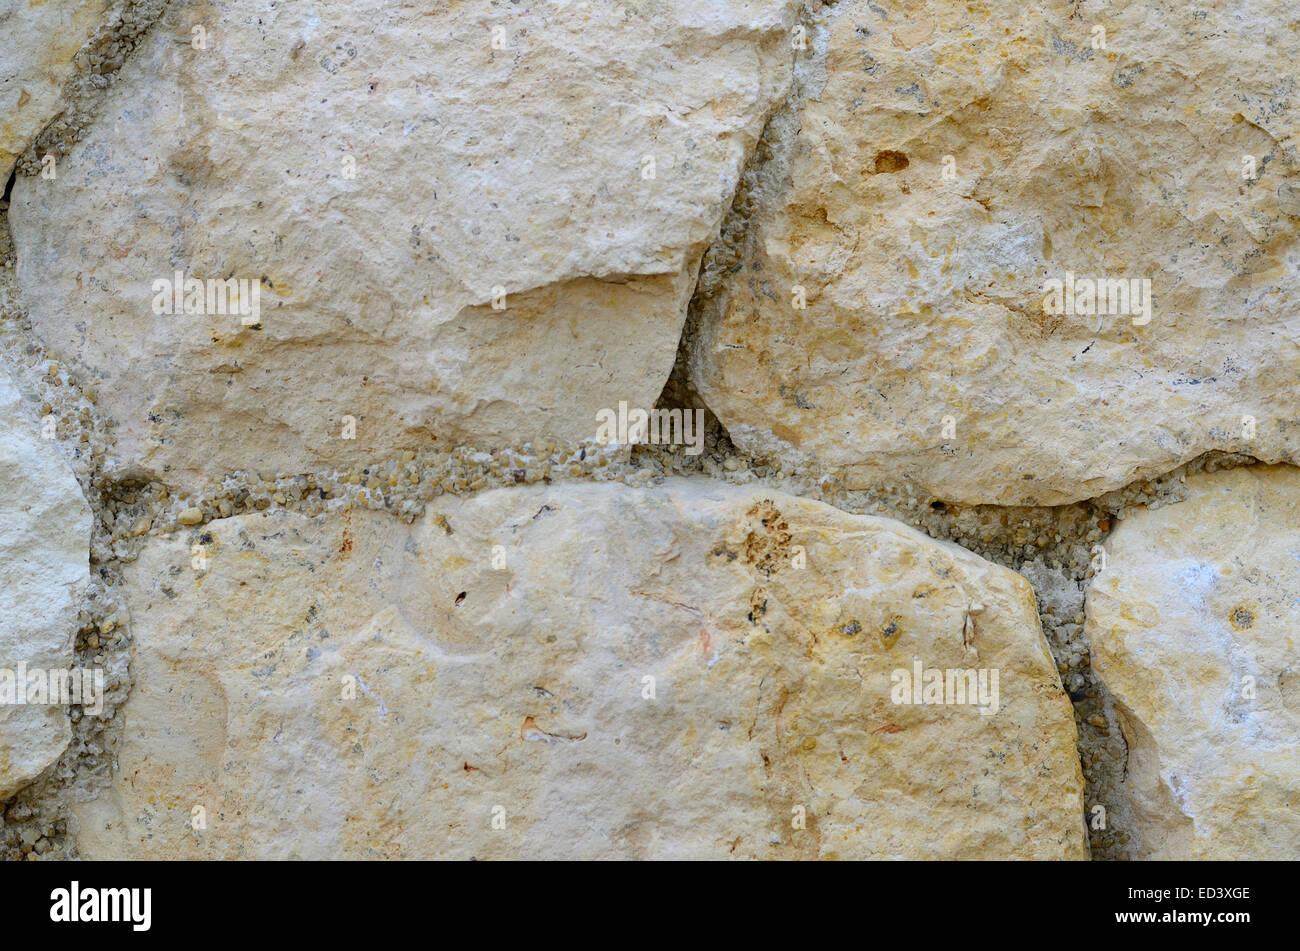 Steinmauer nahtlosen Vektor Illustration Hintergrund - Texturmuster für kontinuierliche Replikation Stockbild